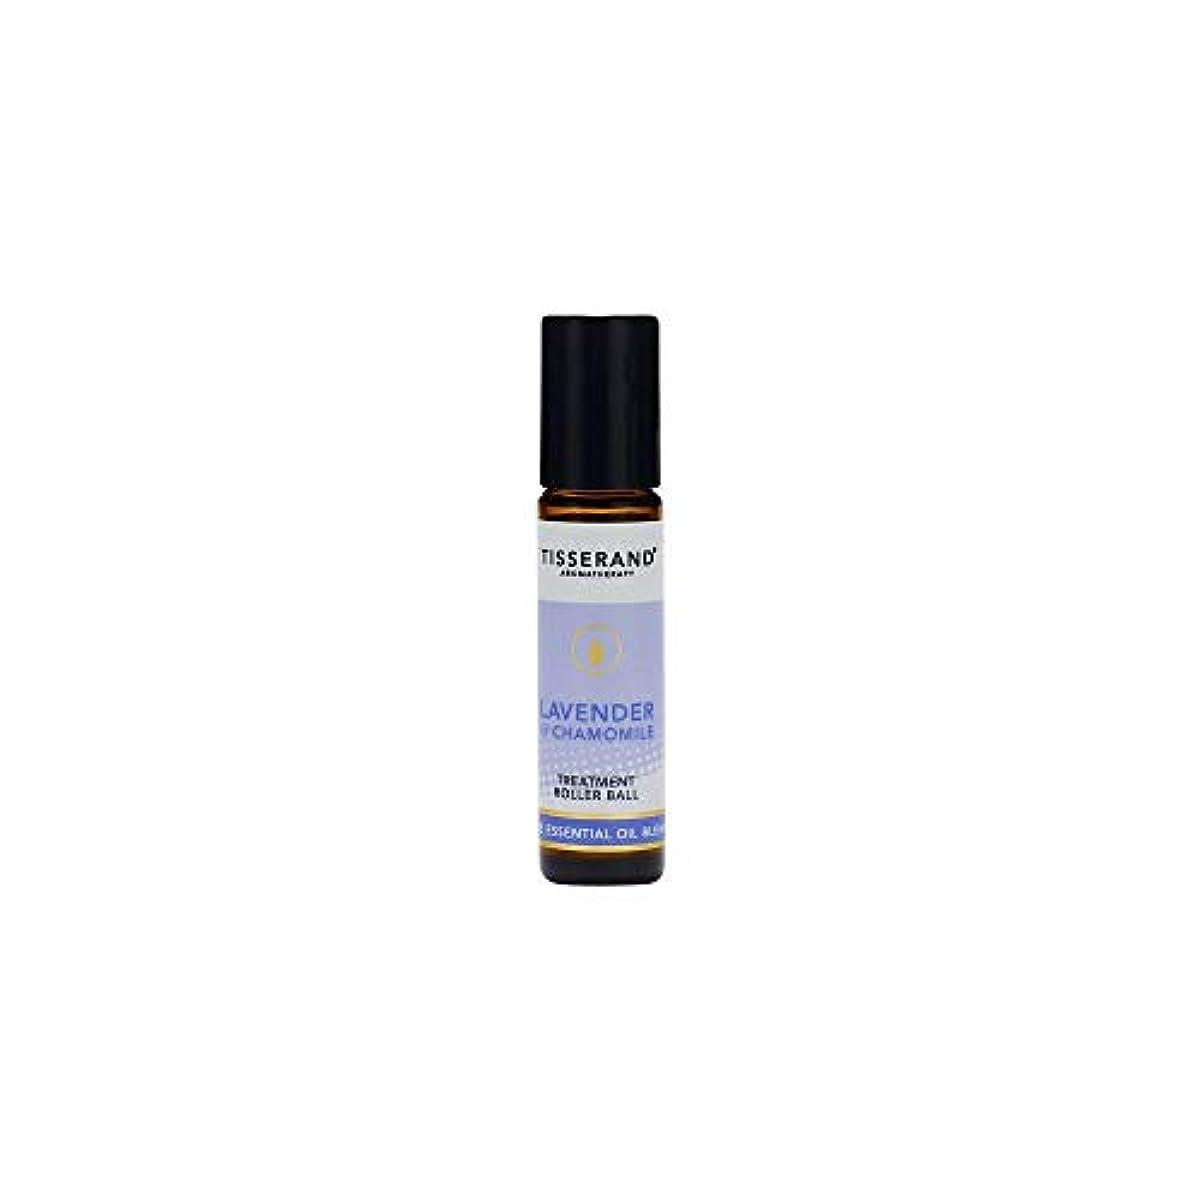 残酷スリップシューズトランクライブラリ[Tisserand] ティスランドアロマラベンダー&カモミール精油ローラーボール10ミリリットル - Tisserand Aromatherapy Lavender & Chamomile Essential Oil...